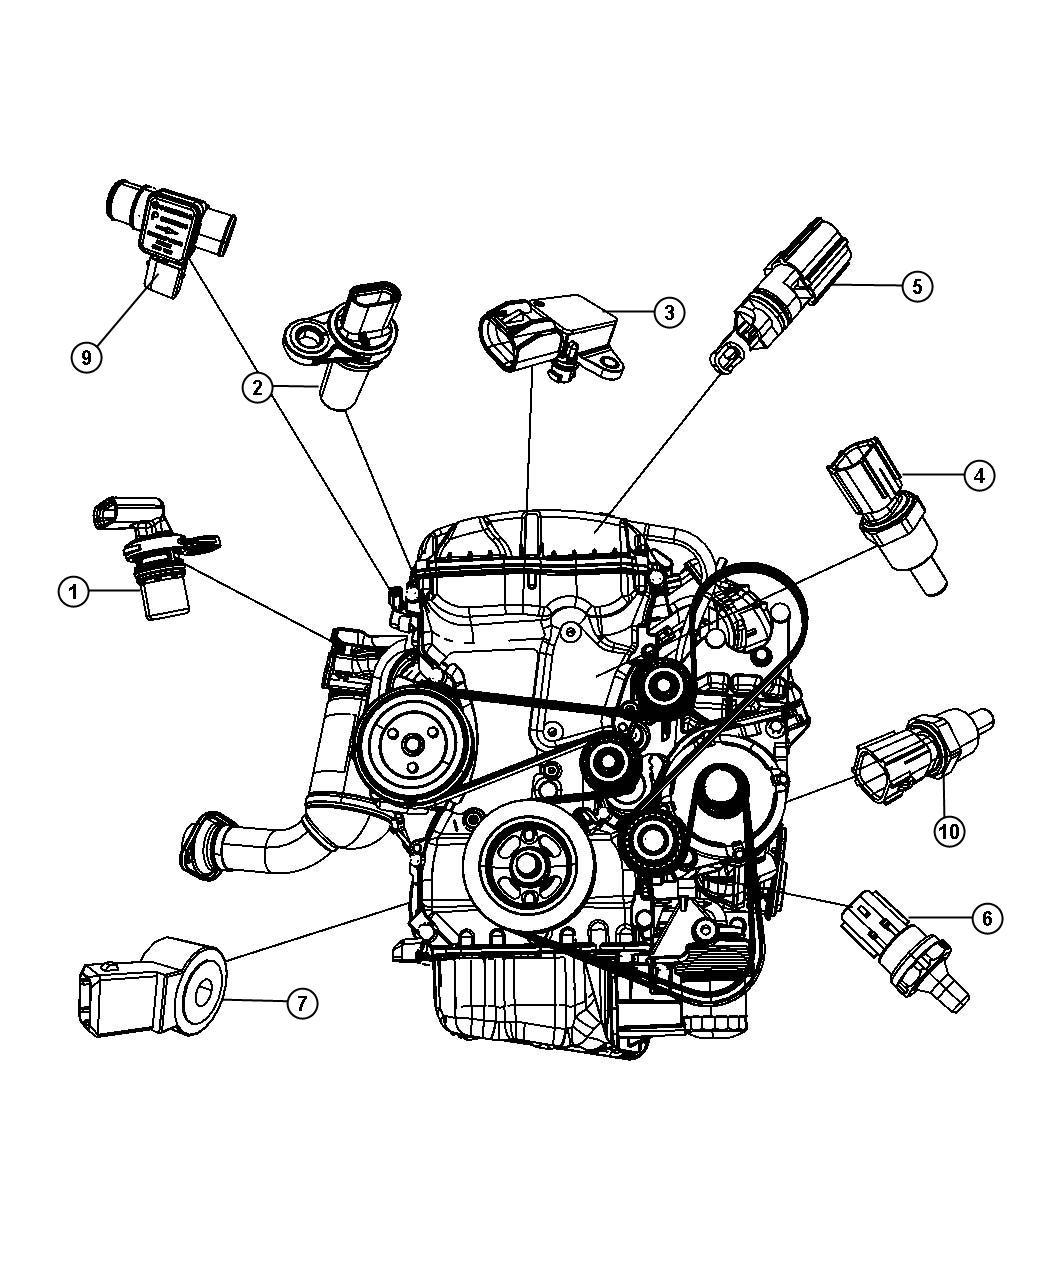 Dodge Avenger Se Sensors Engine